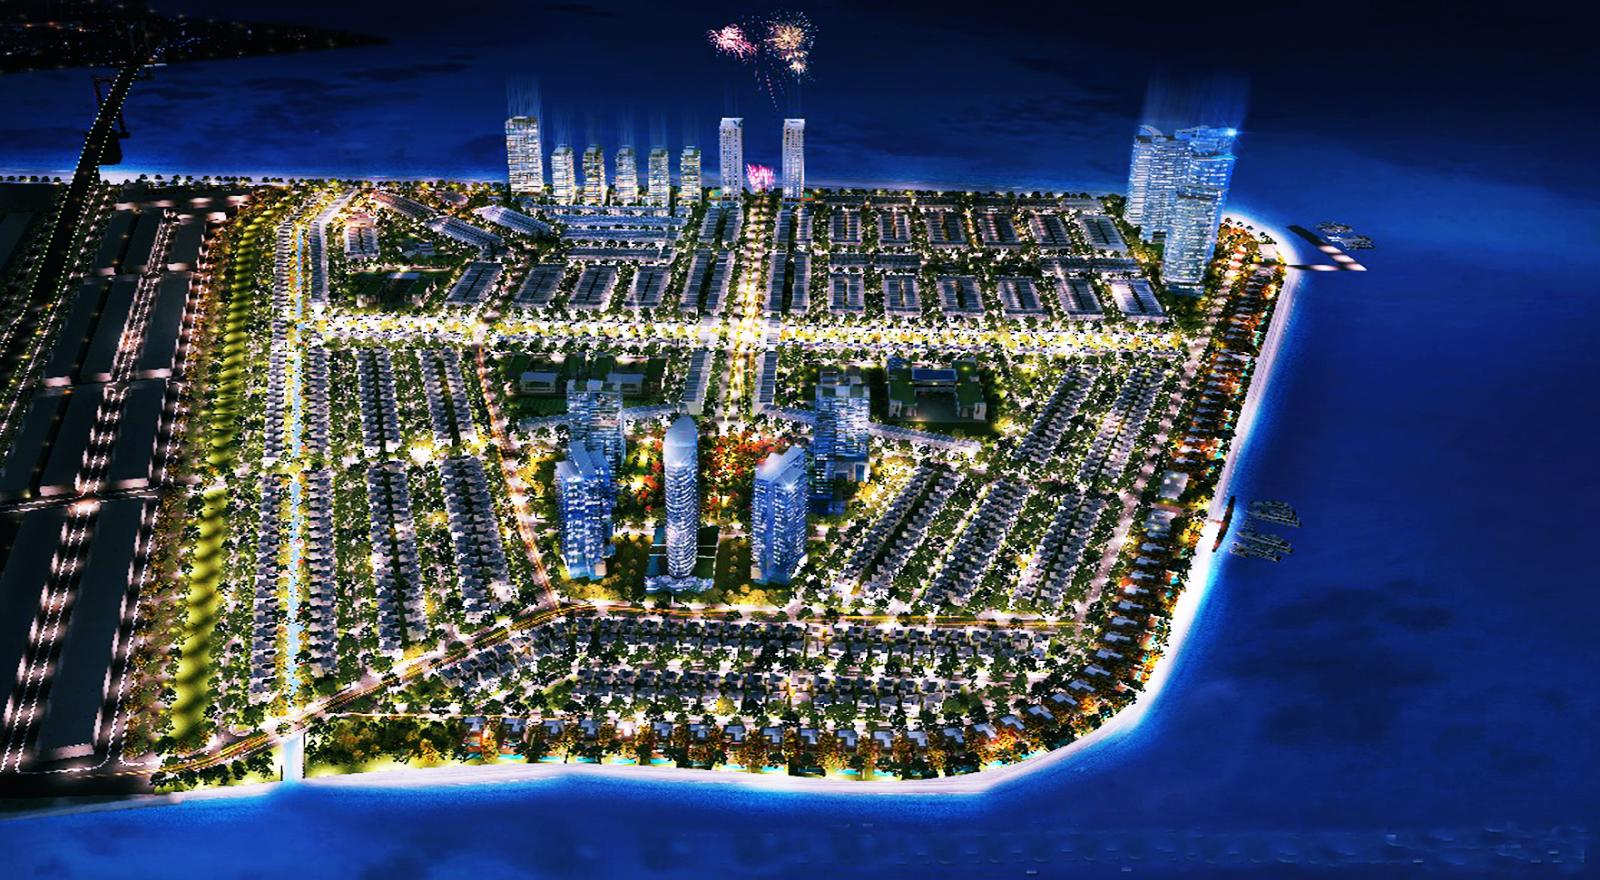 Tổng thể dự án khu đô thị mới Vịnh Thuận Phước